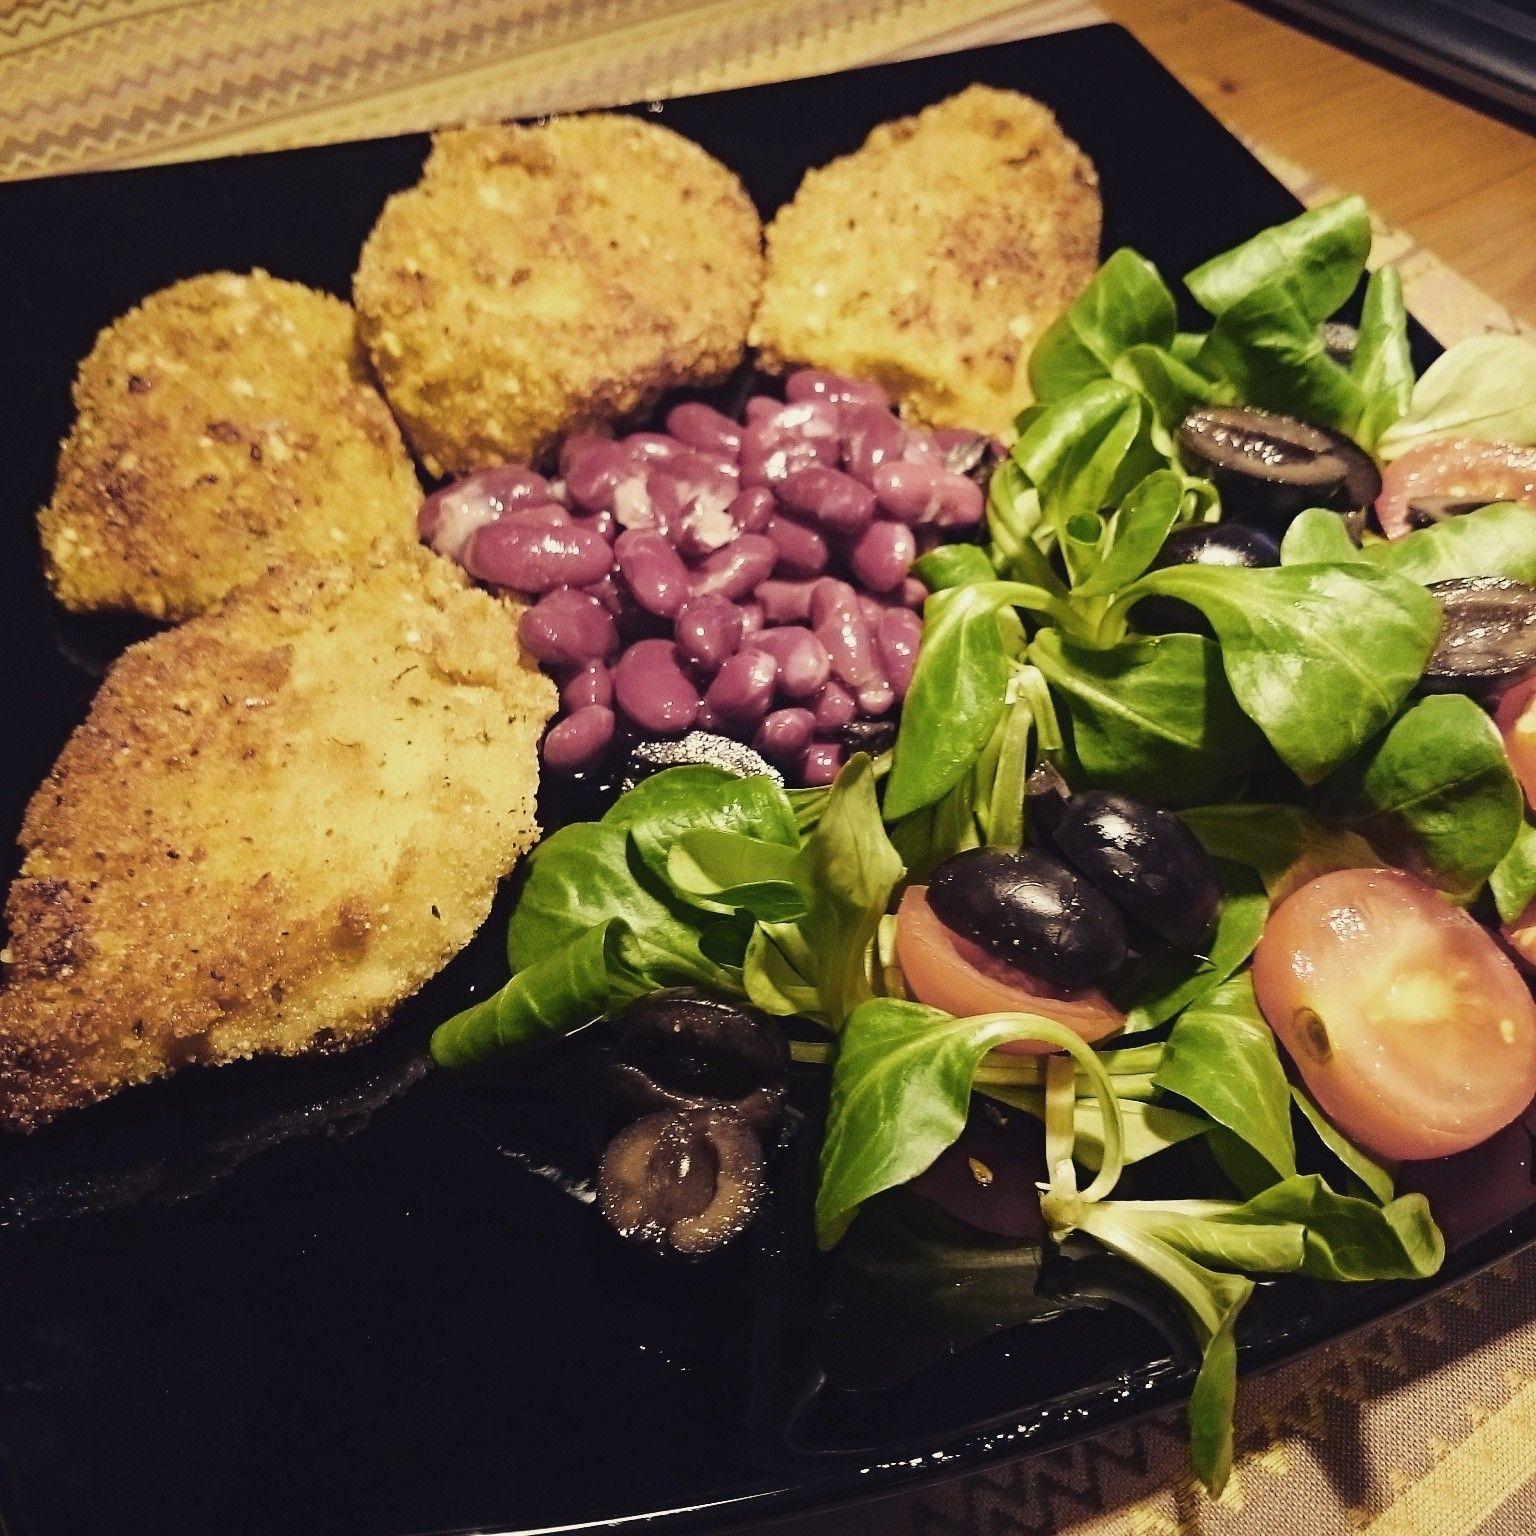 Milanesas argentina pueden ser servido como pollo carne ternera milanesas argentina pueden ser servido como pollo carne ternera berenjena probarargentinathermomixvegan foodvegan forumfinder Gallery